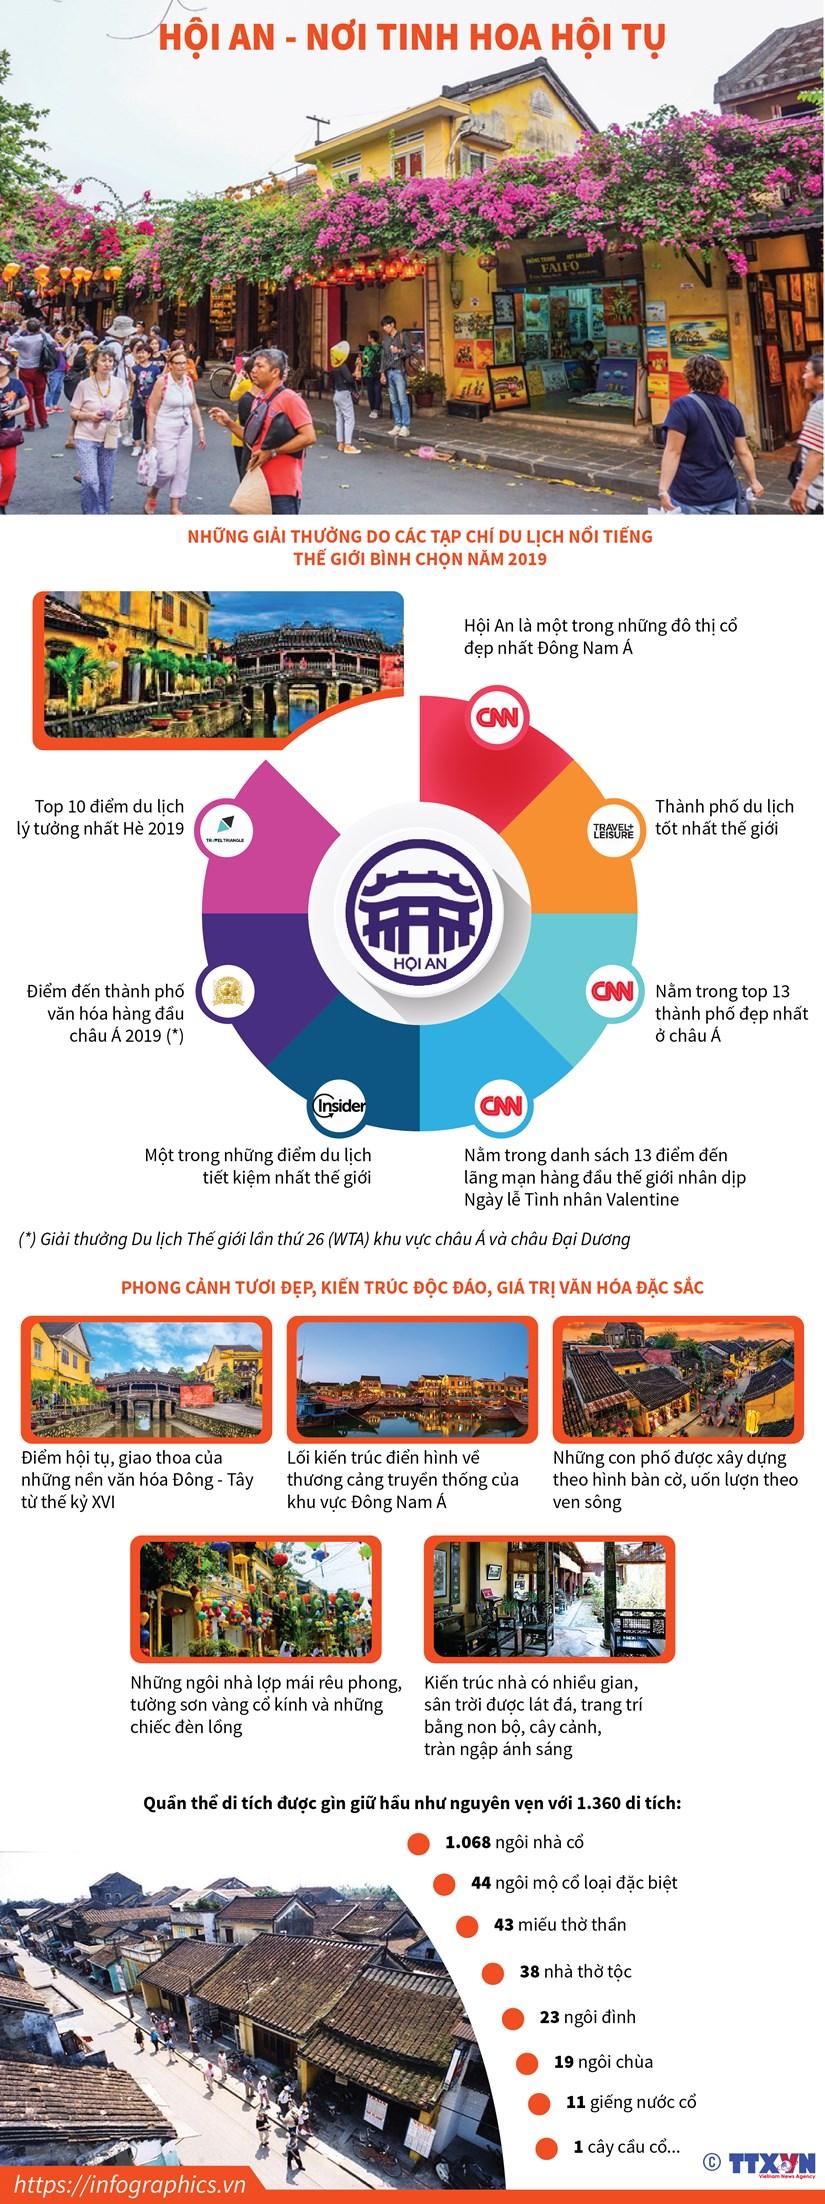 [Infographics] Di san van hoa Hoi An - noi tinh hoa van hoa hoi tu hinh anh 1